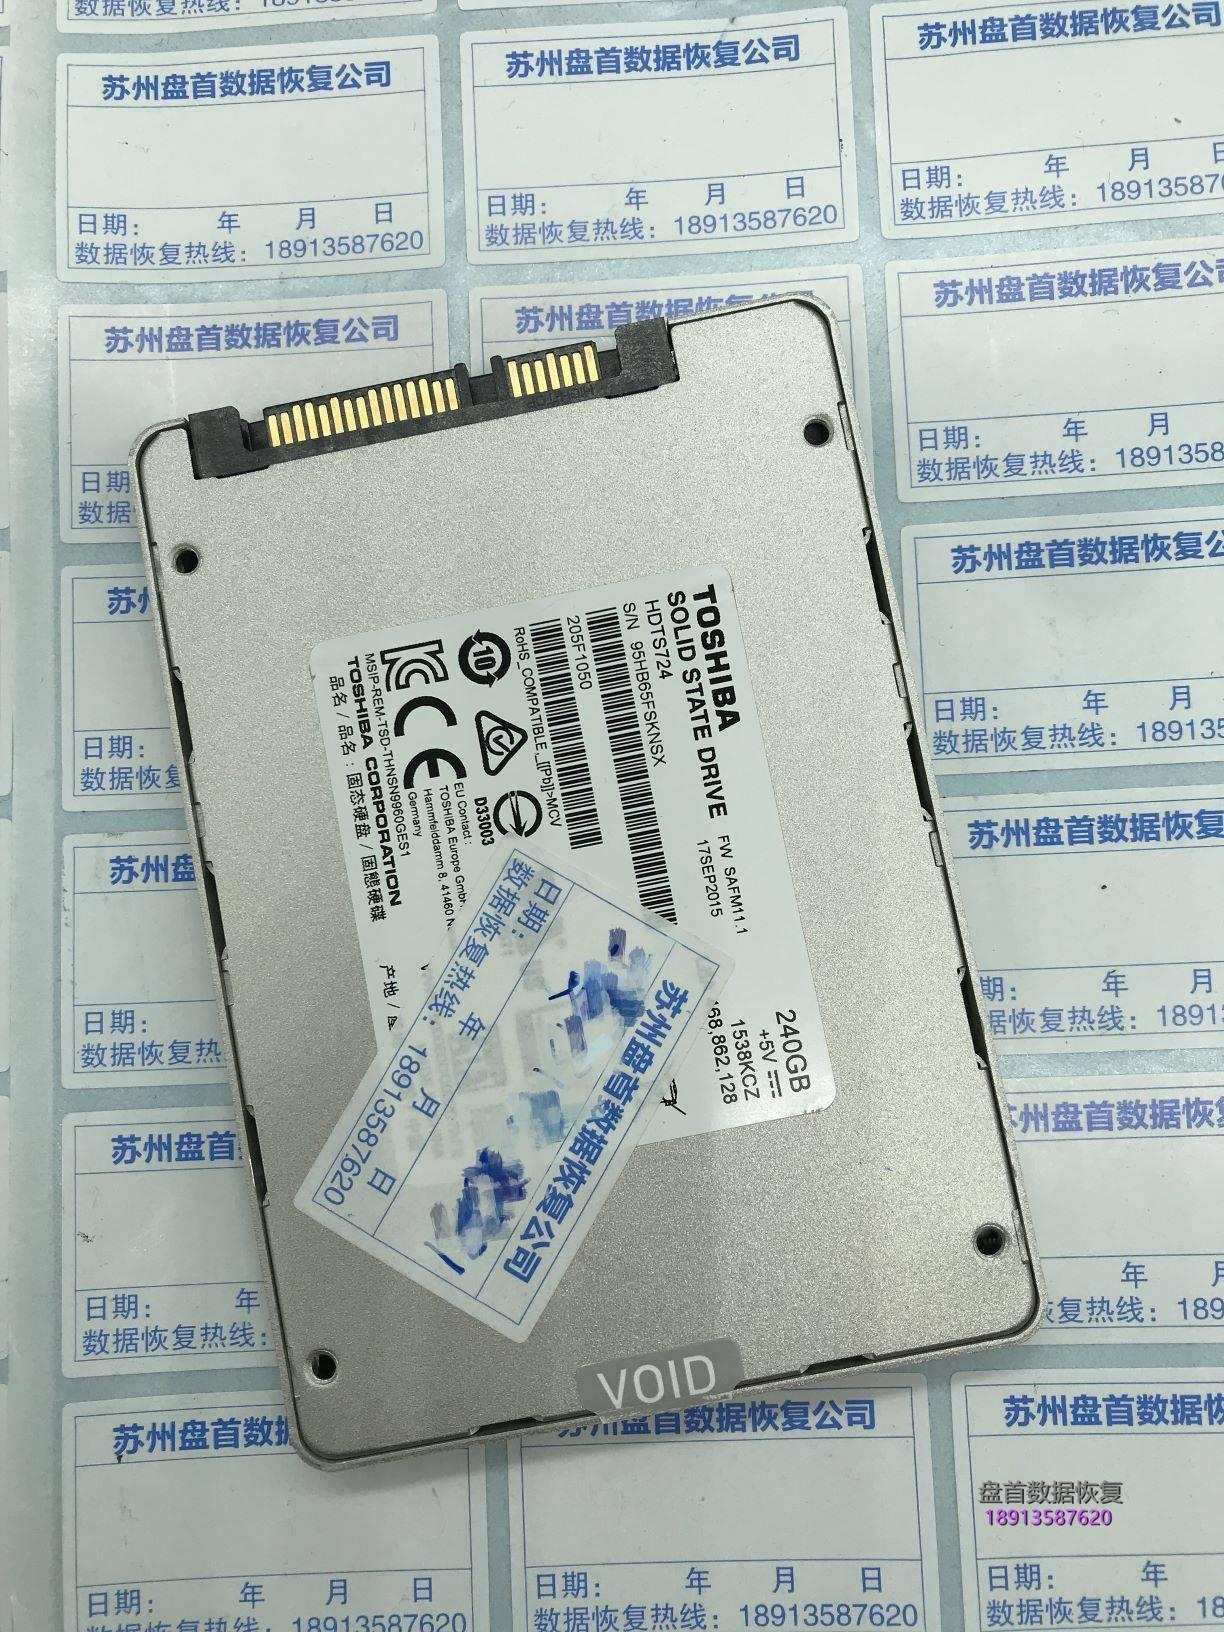 0 东芝掉盘王Q300 HDTS724掉盘后无法识别完美修复成功